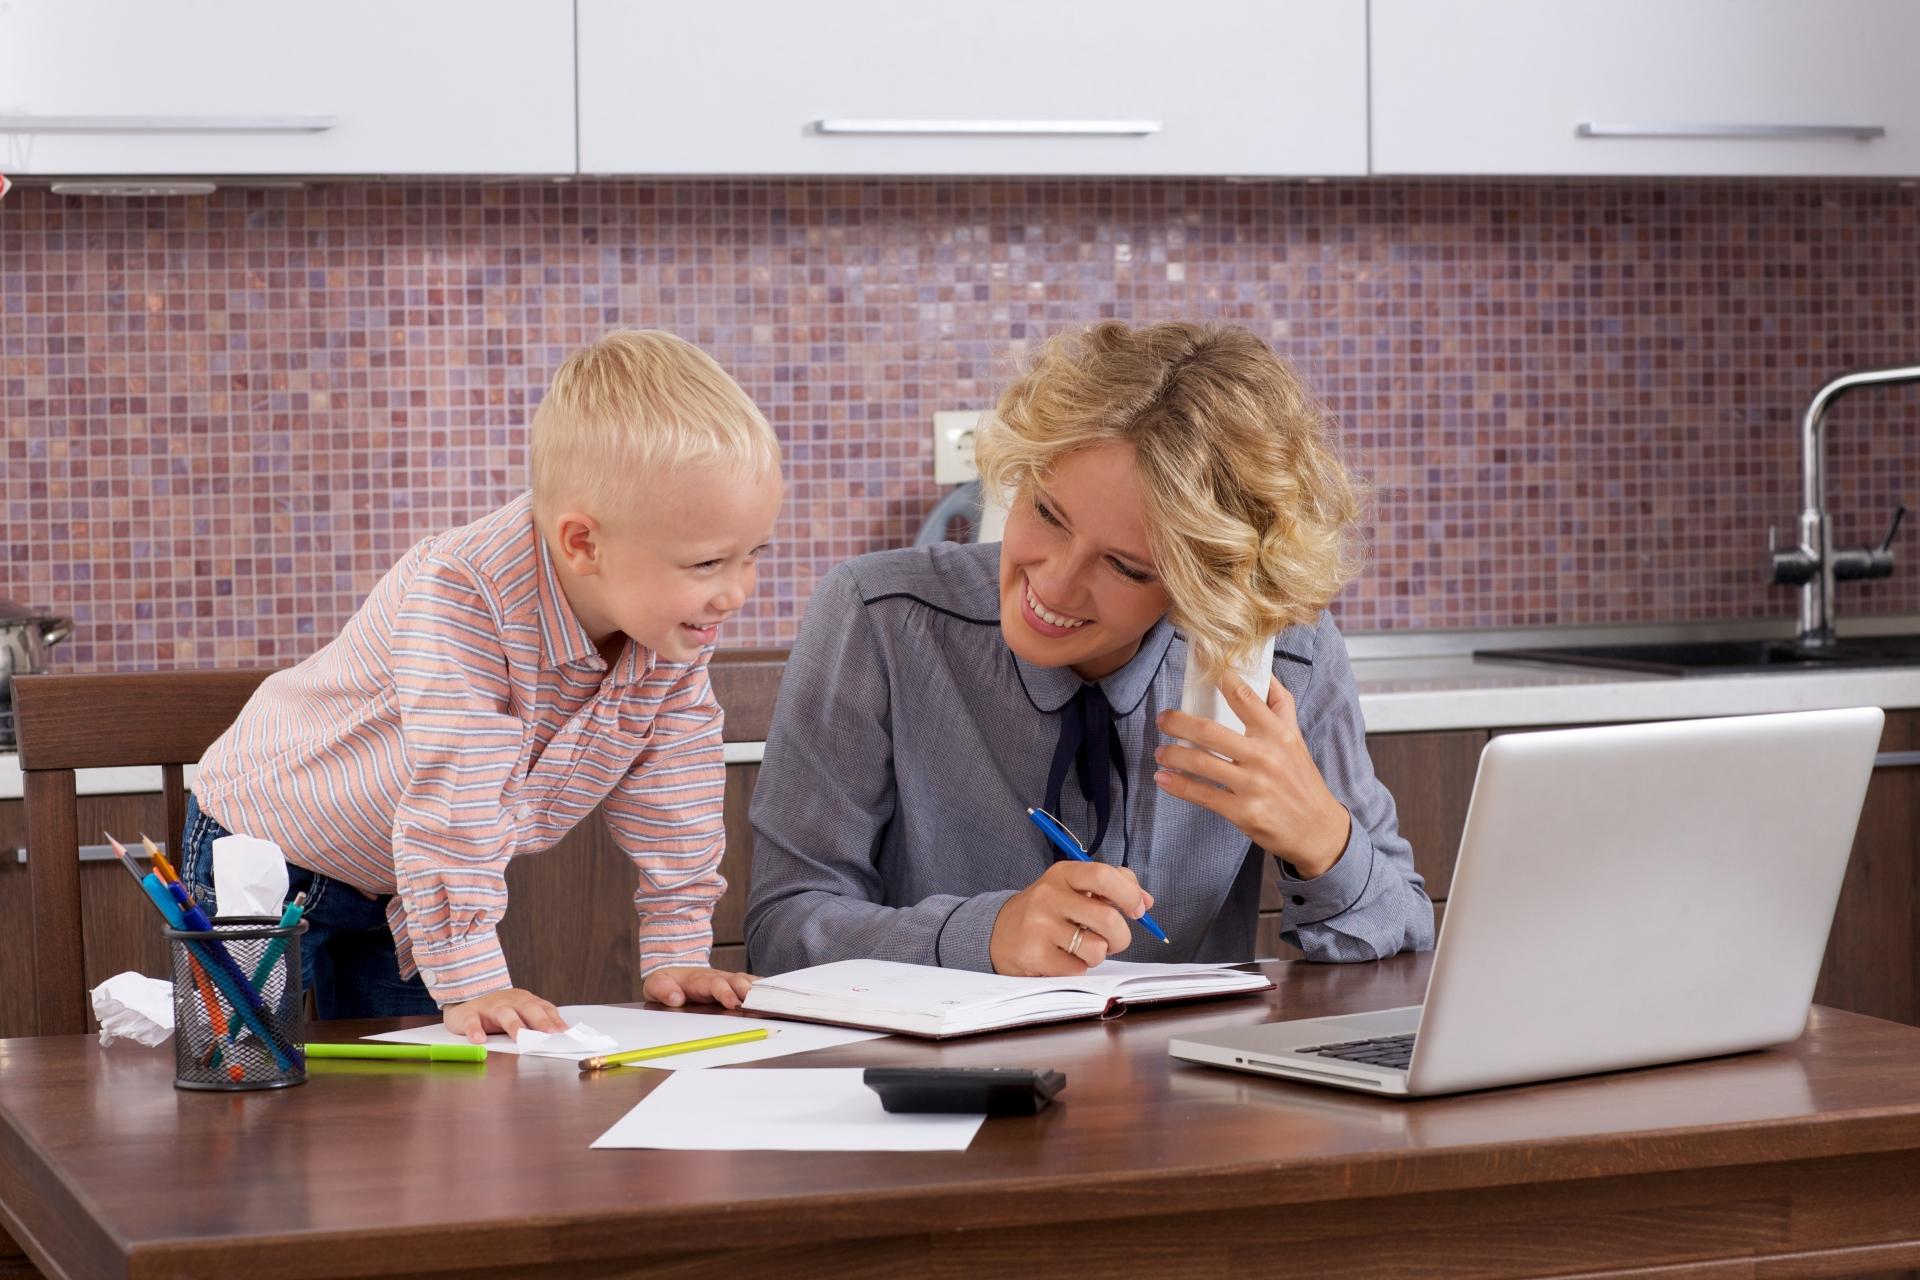 産休・育休明けの仕事で注意すべき点や心構えなど6つのポイント。